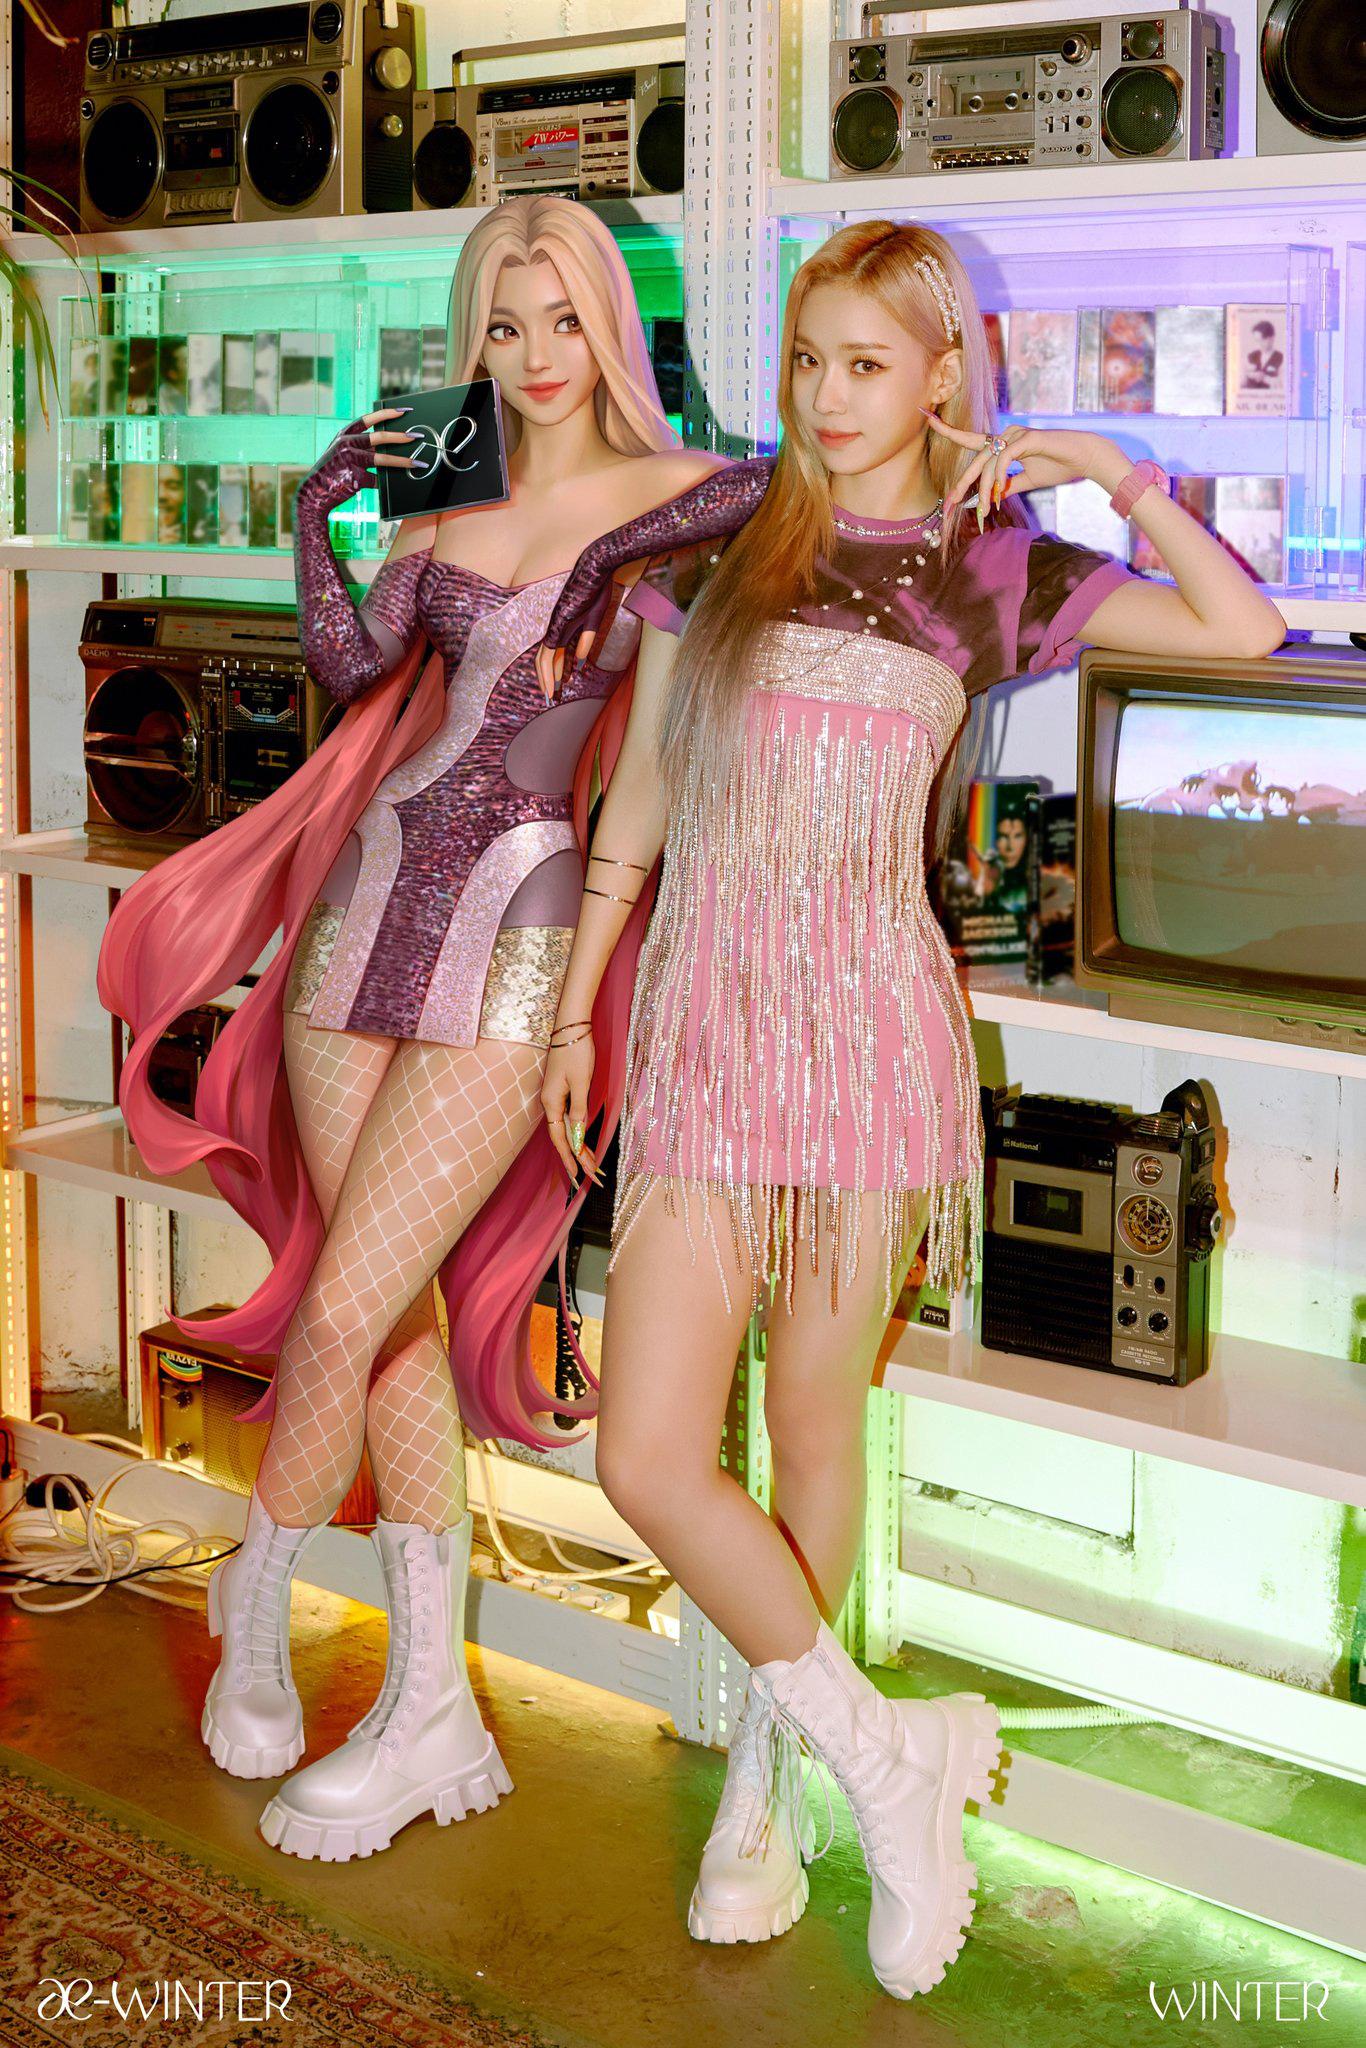 Winter (aespa) vừa debut đã đụng váy Nayeon mặc từ 2 năm trước: Gà mới nhà SM có qua mặt mỹ nhân Twice? - Ảnh 1.